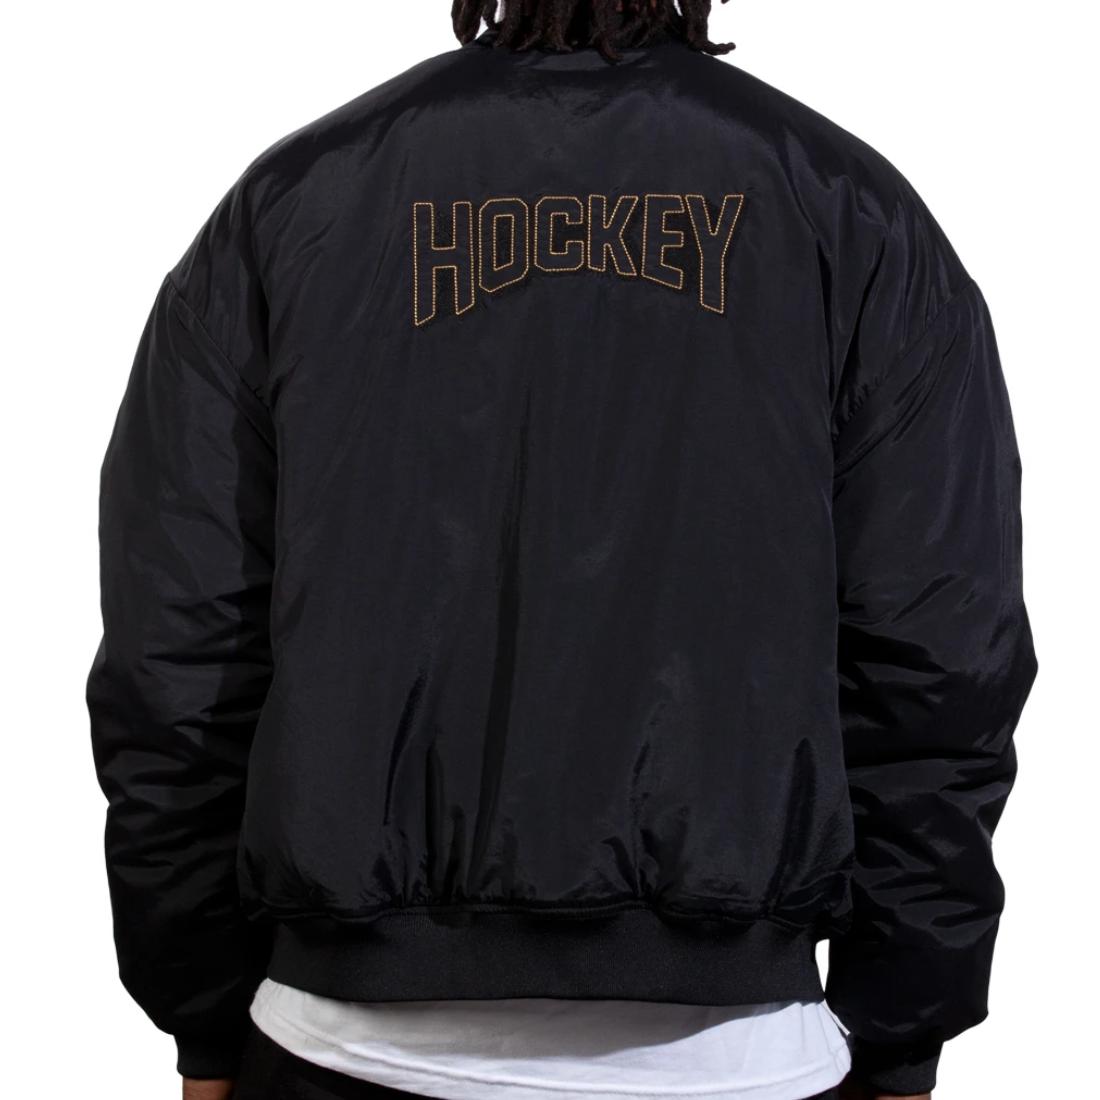 【Hockey】Starter Jacket - Black